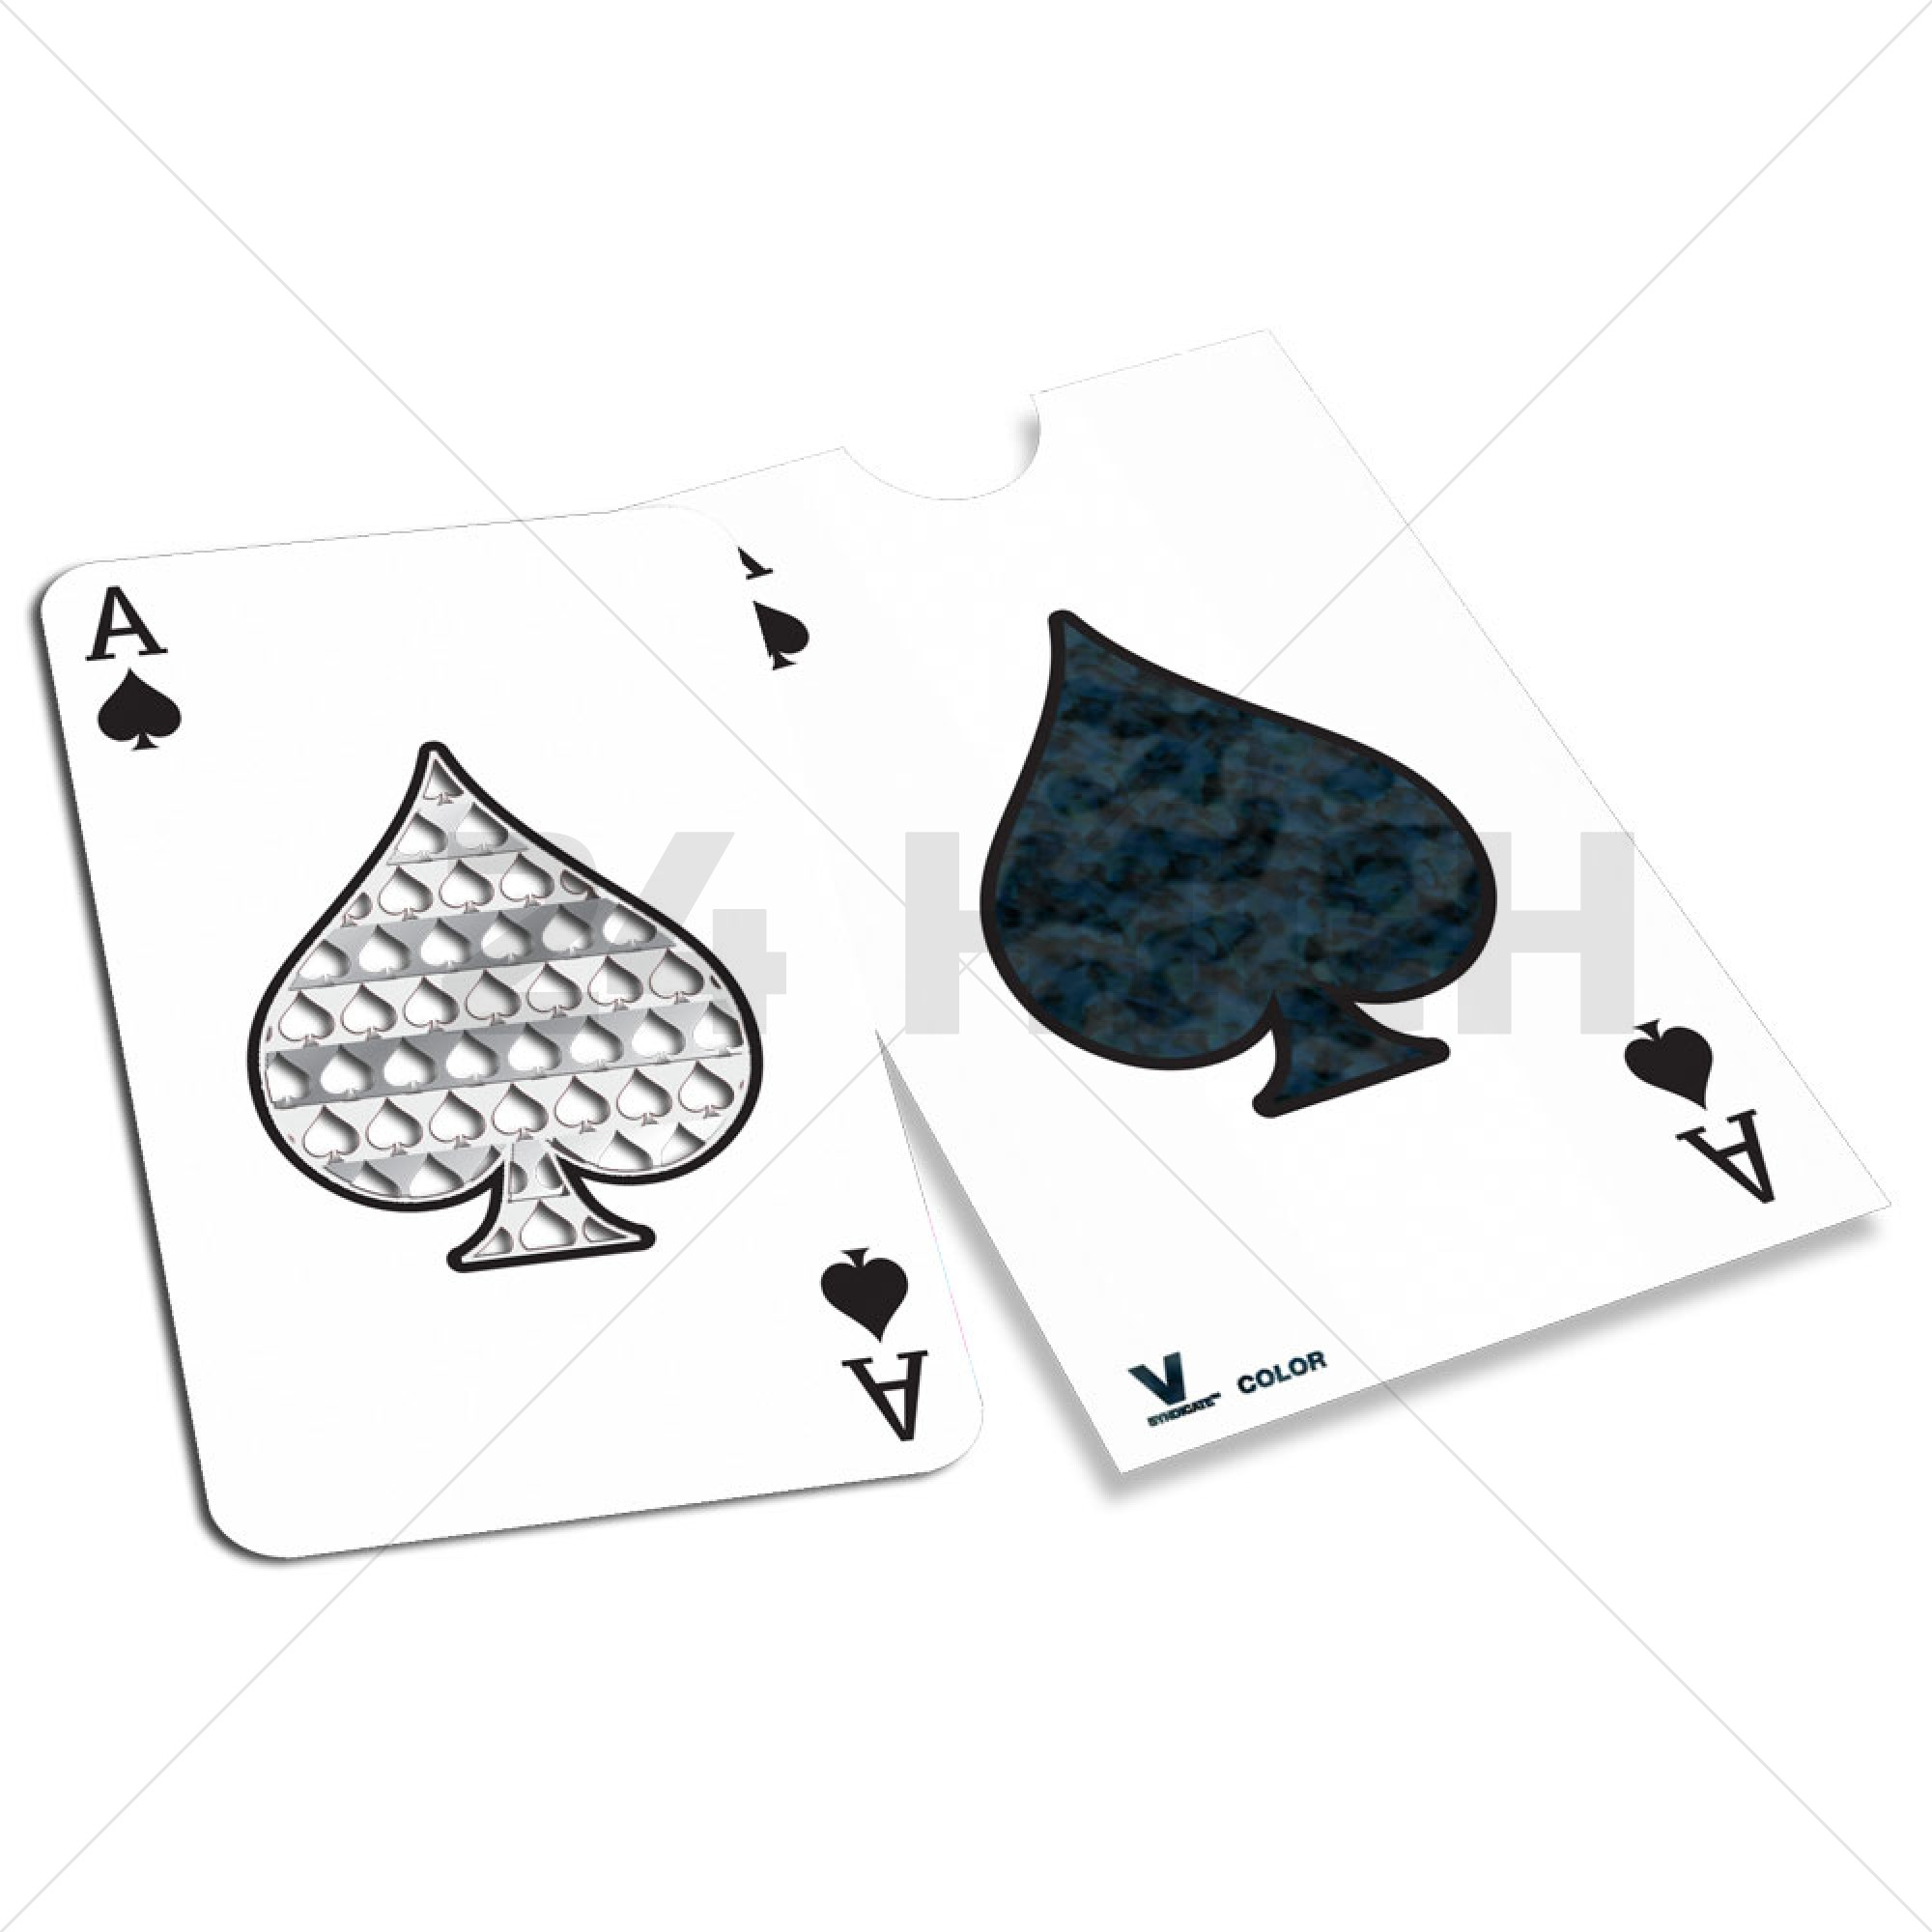 Credit Card Grinder, Ace Of Spades